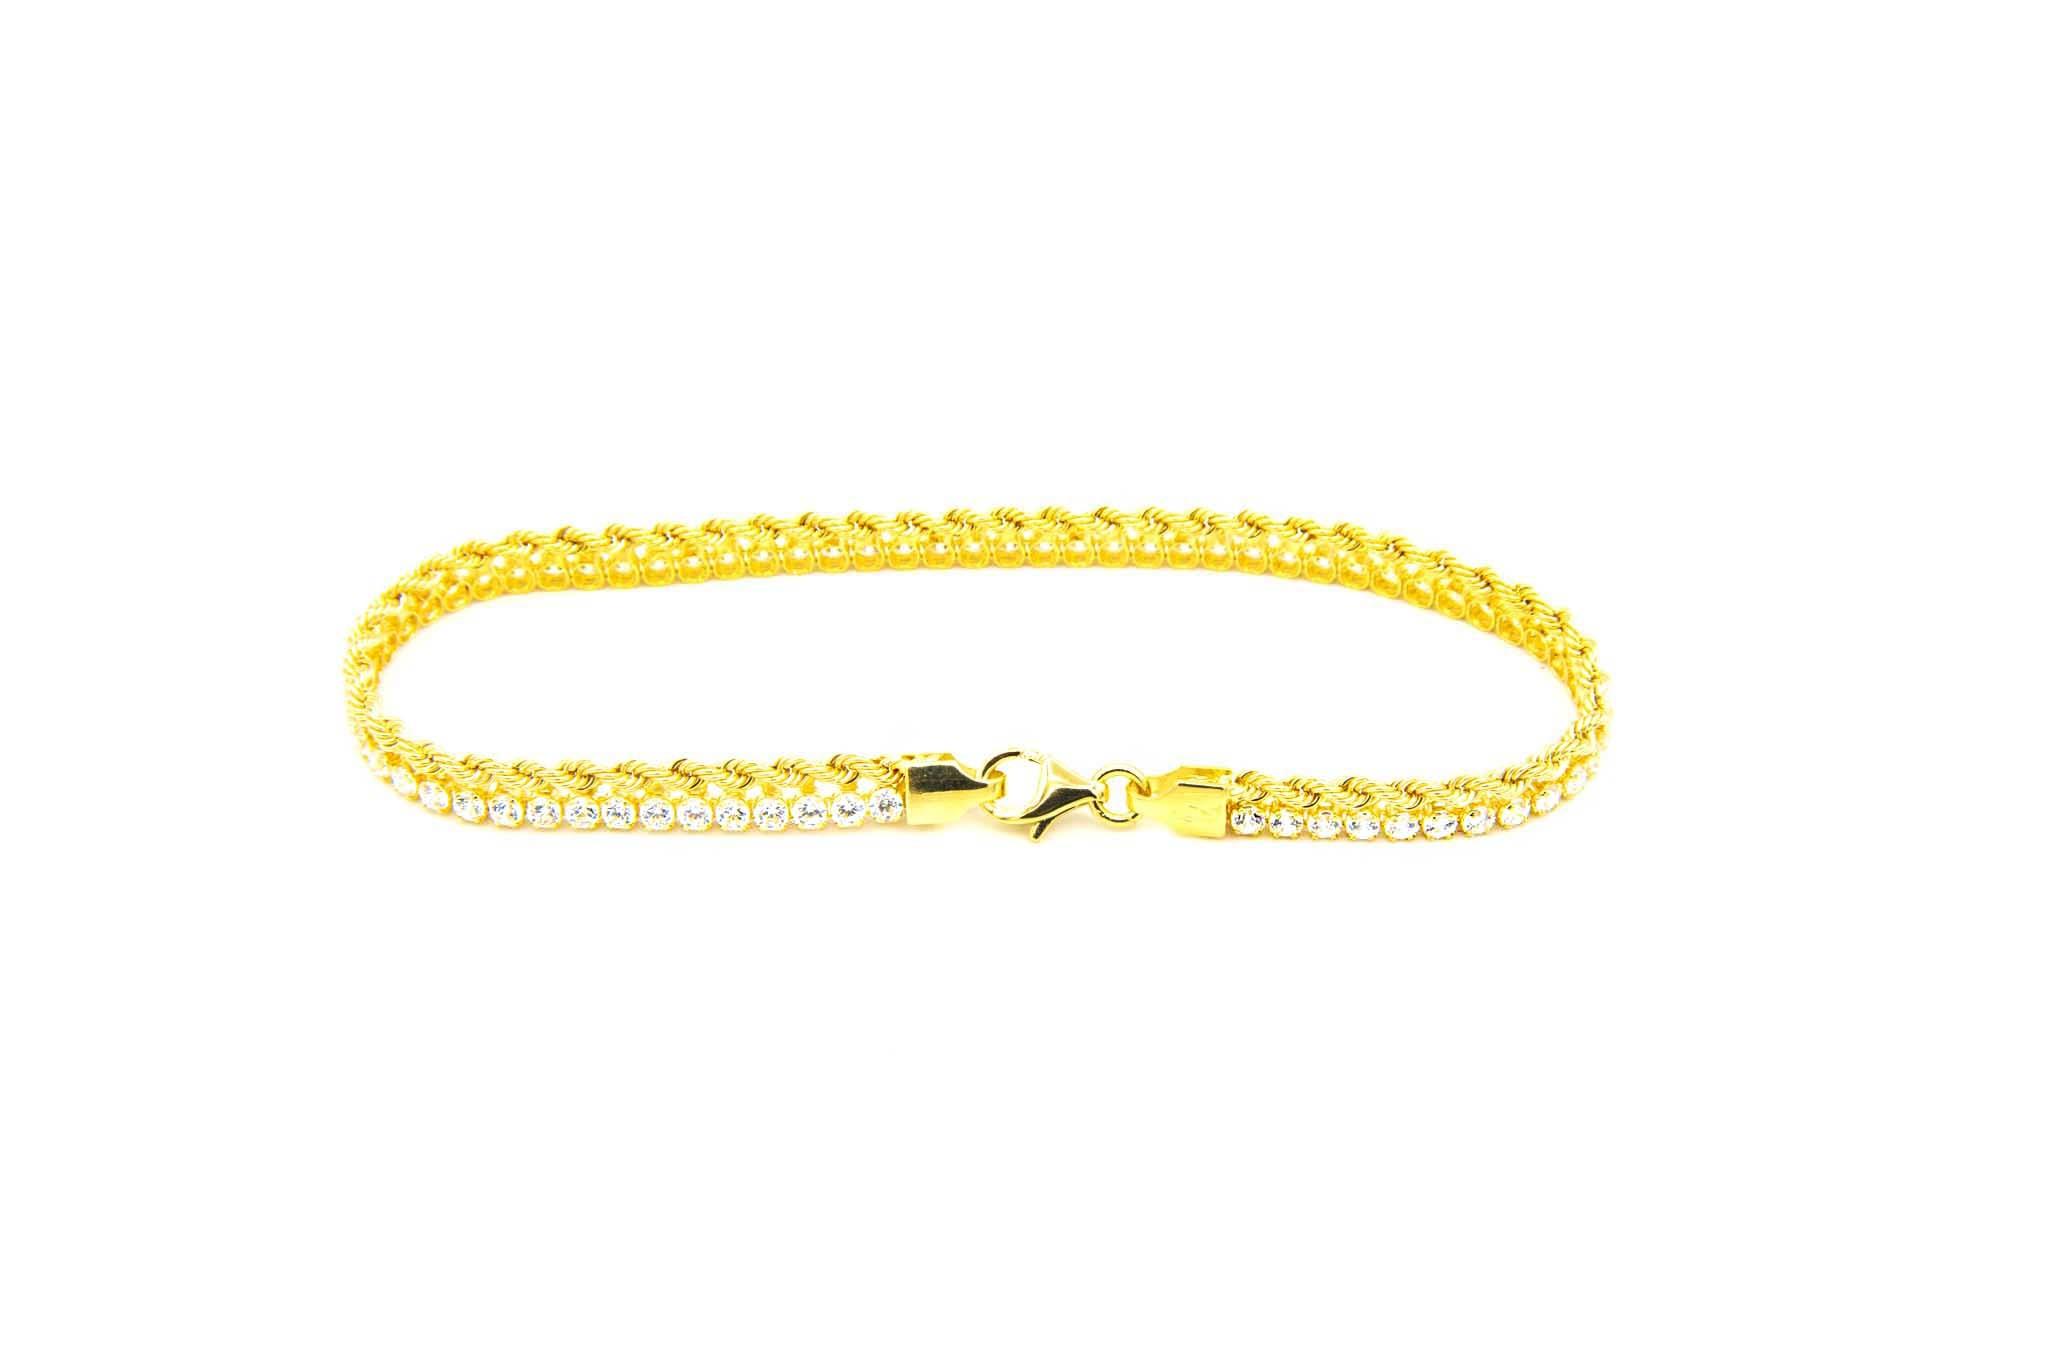 Armband 1 rope chain en 1 zirkonia rij-3